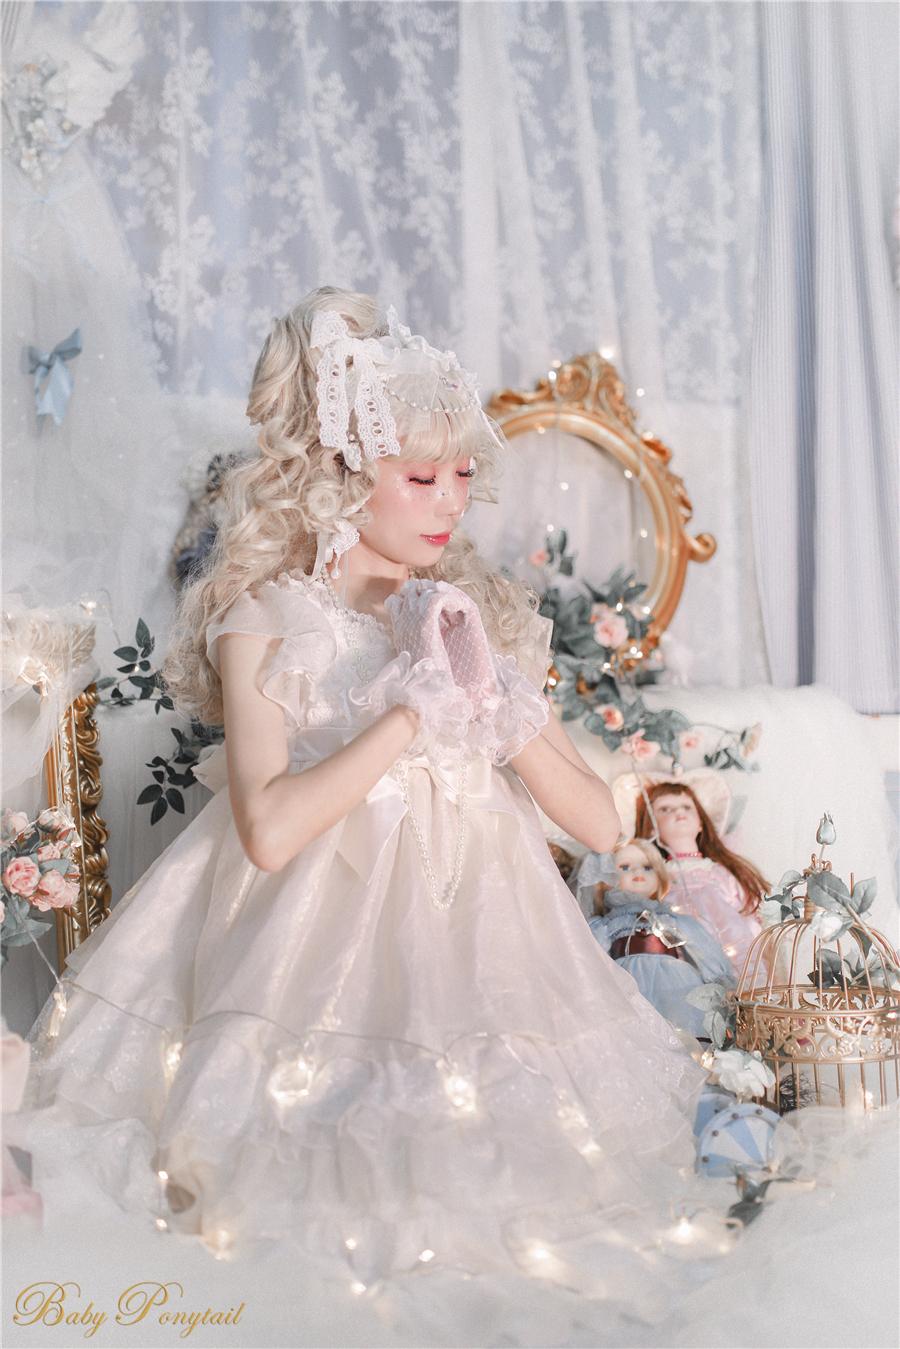 Babyponytail_Model Photo_Present Angel_JSK white_2_Kaka_01.jpg